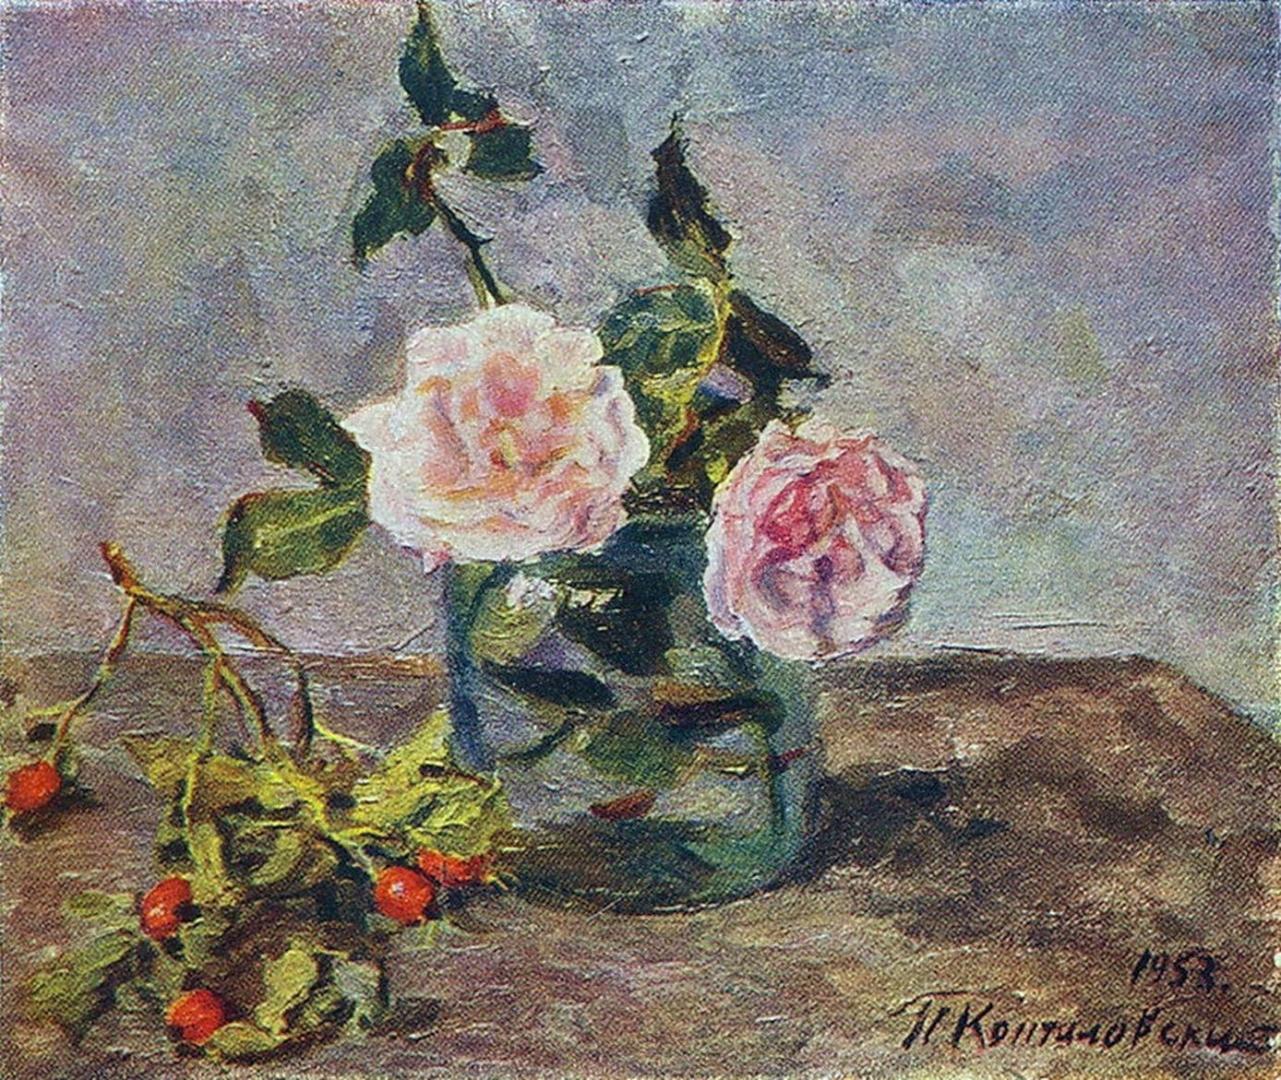 Петр Кончаловский. Две розы и ягоды шиповника. 1953